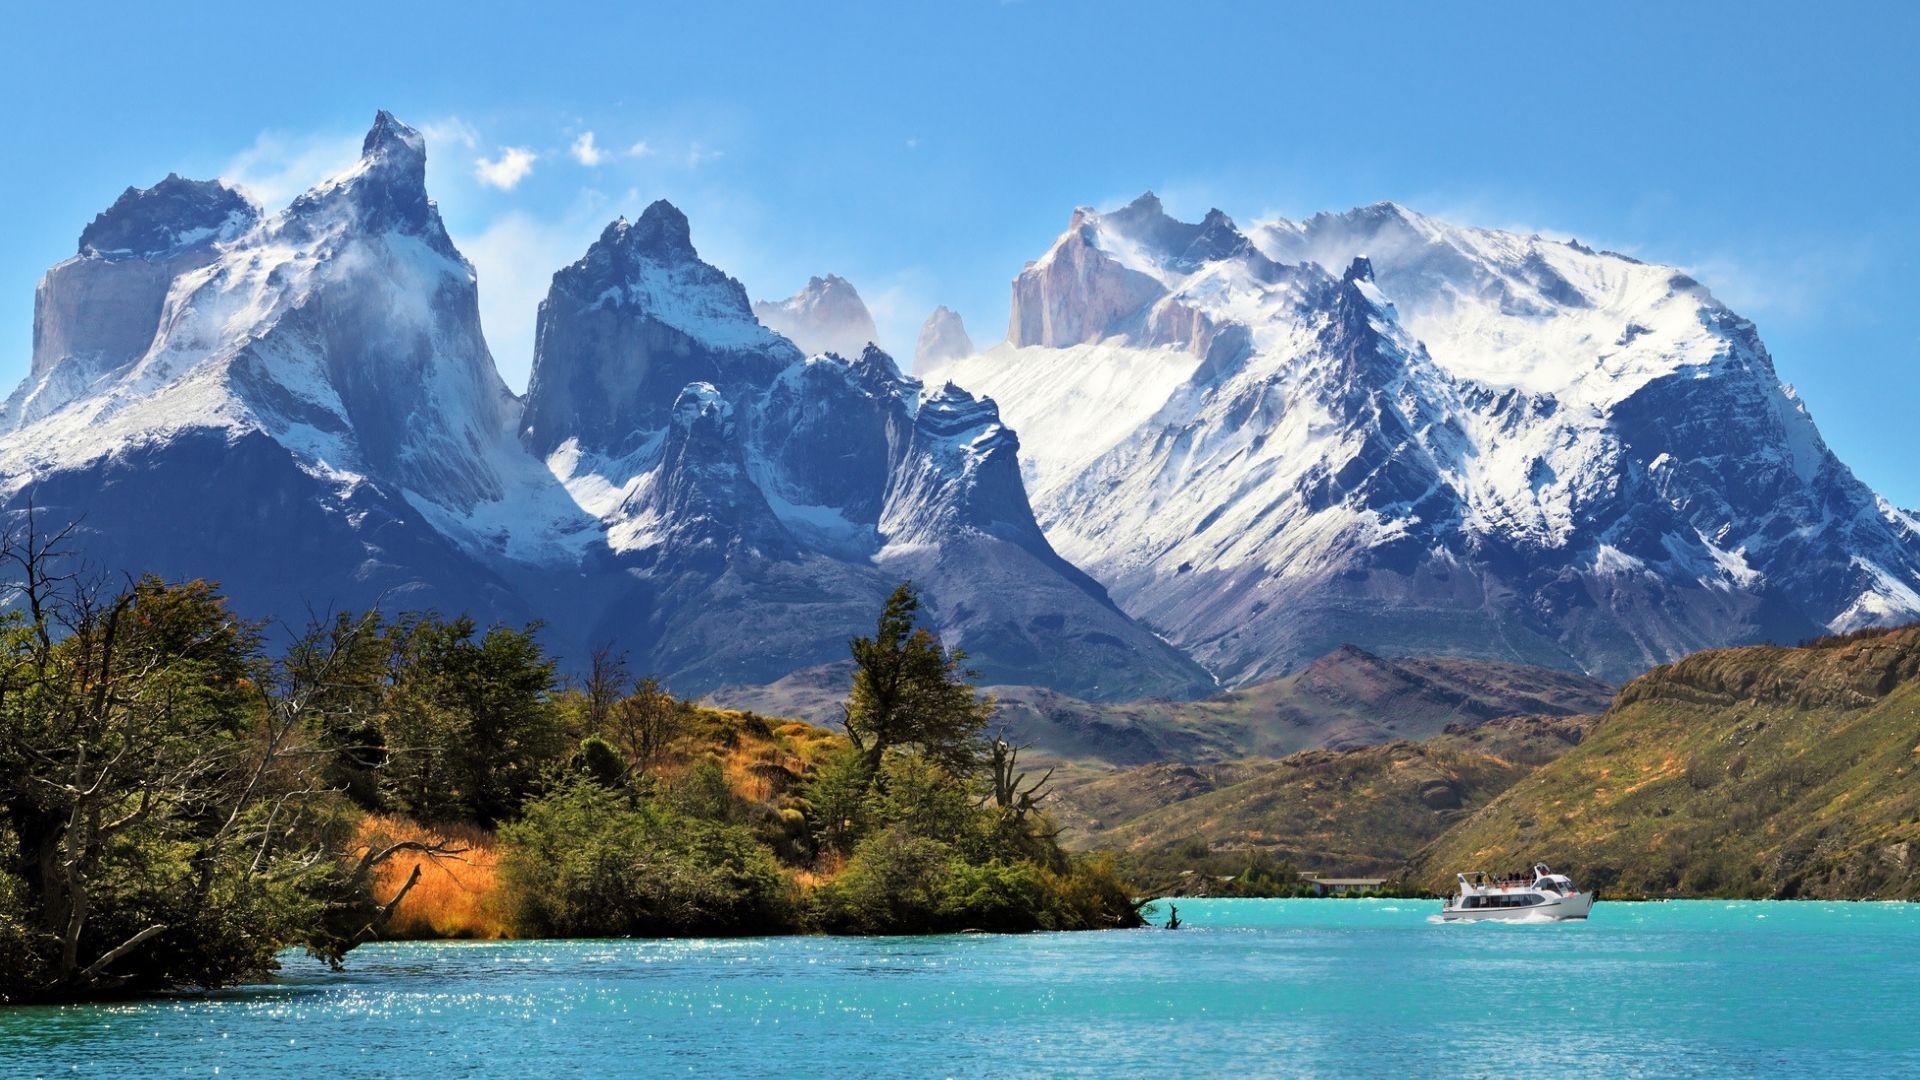 UNESCO saugomas draustinis, Torres del Paine